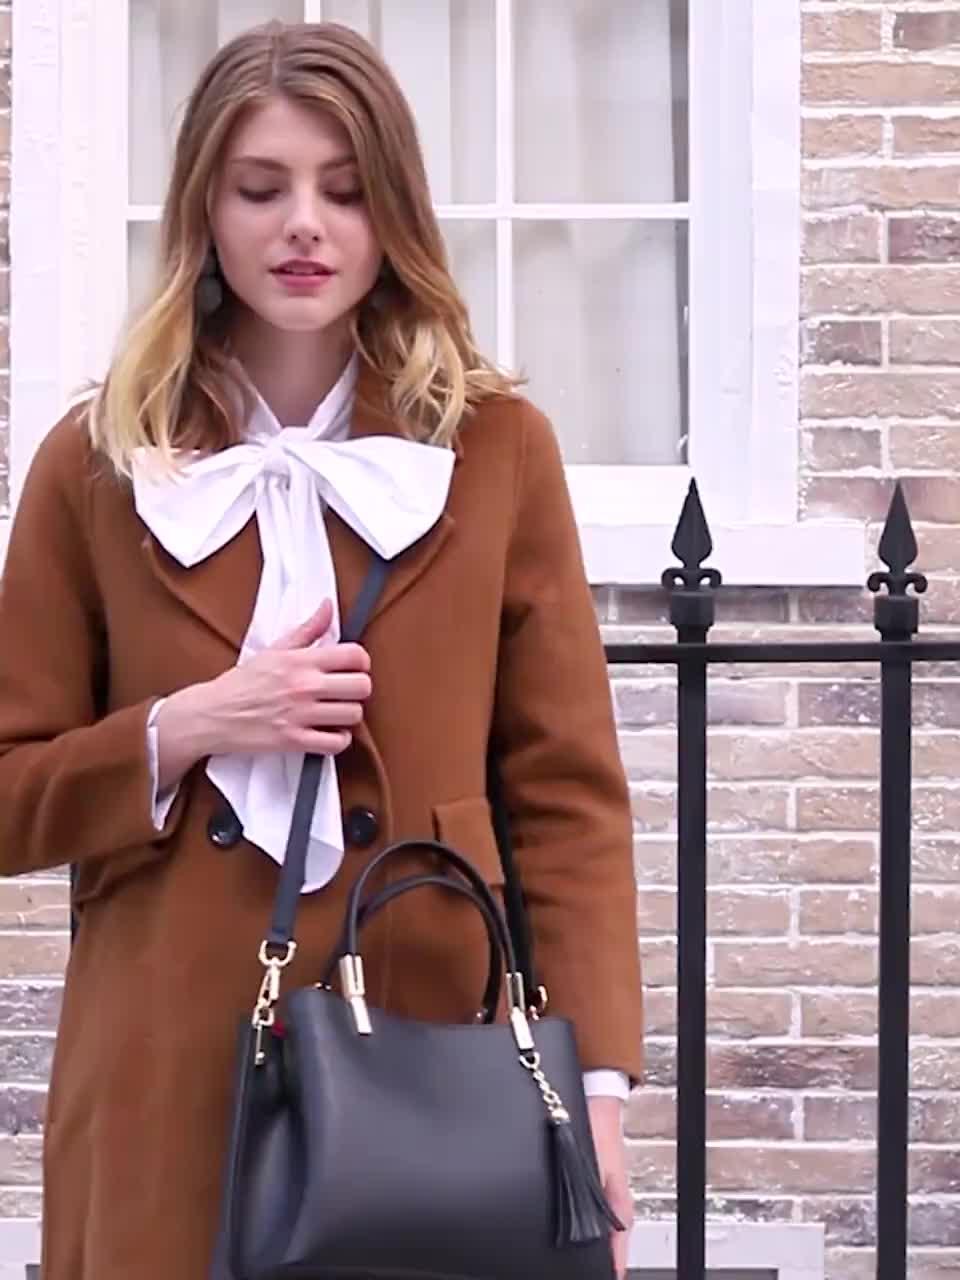 Großhandel damen handtaschen Guangzhou Fabrik Hohe Qualität Echtes Leder Frauen Hand Tasche